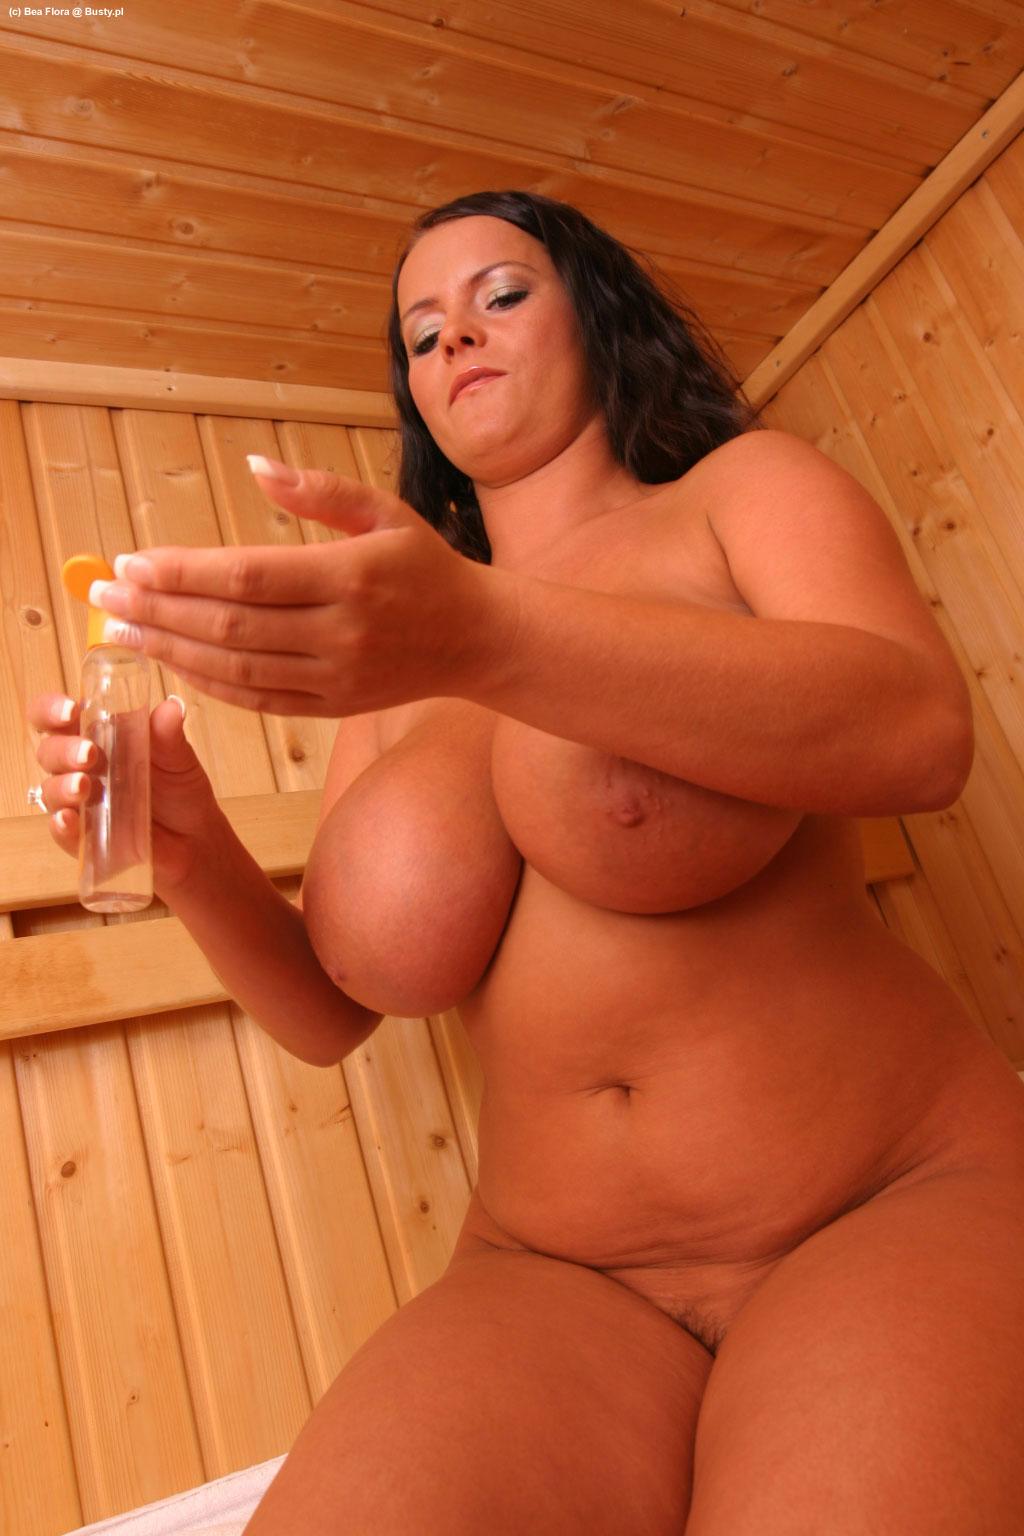 bea flora in hot sauna